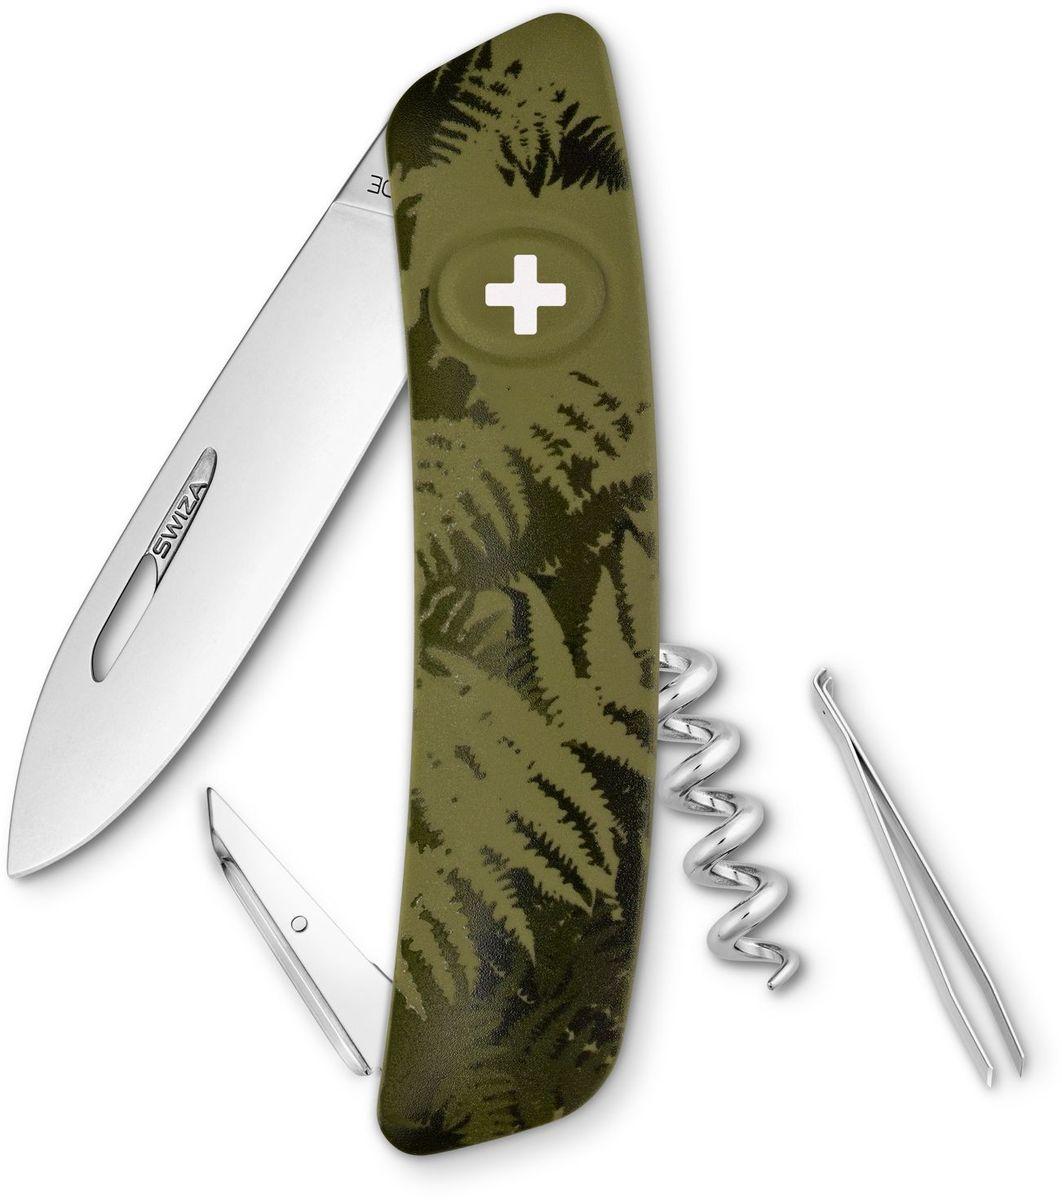 Нож швейцарский SWIZA C01, цвет: темно-зеленый, длина клинка 7,5 см1.3603.T Швейцарский нож (SWIZA С01) с его революционной формой и безопасной рукояткой, легко раскладываемой ручкой - самый удобный и простой в использовании швейцарский нож на все времена. Эргономично изогнутая форма ножа обеспечивает более легкий доступ к инструментам, а пазы позволяют легко их открывать, как левой, так и правой рукой. Пожизненная гаратния на ножи SWIZA обеспечивают долговременное использование1. нож перочинный ,2. штопор, 3. ример/дырокол4. шило, 5. безопасная блокировка лезвий,6. пинцет